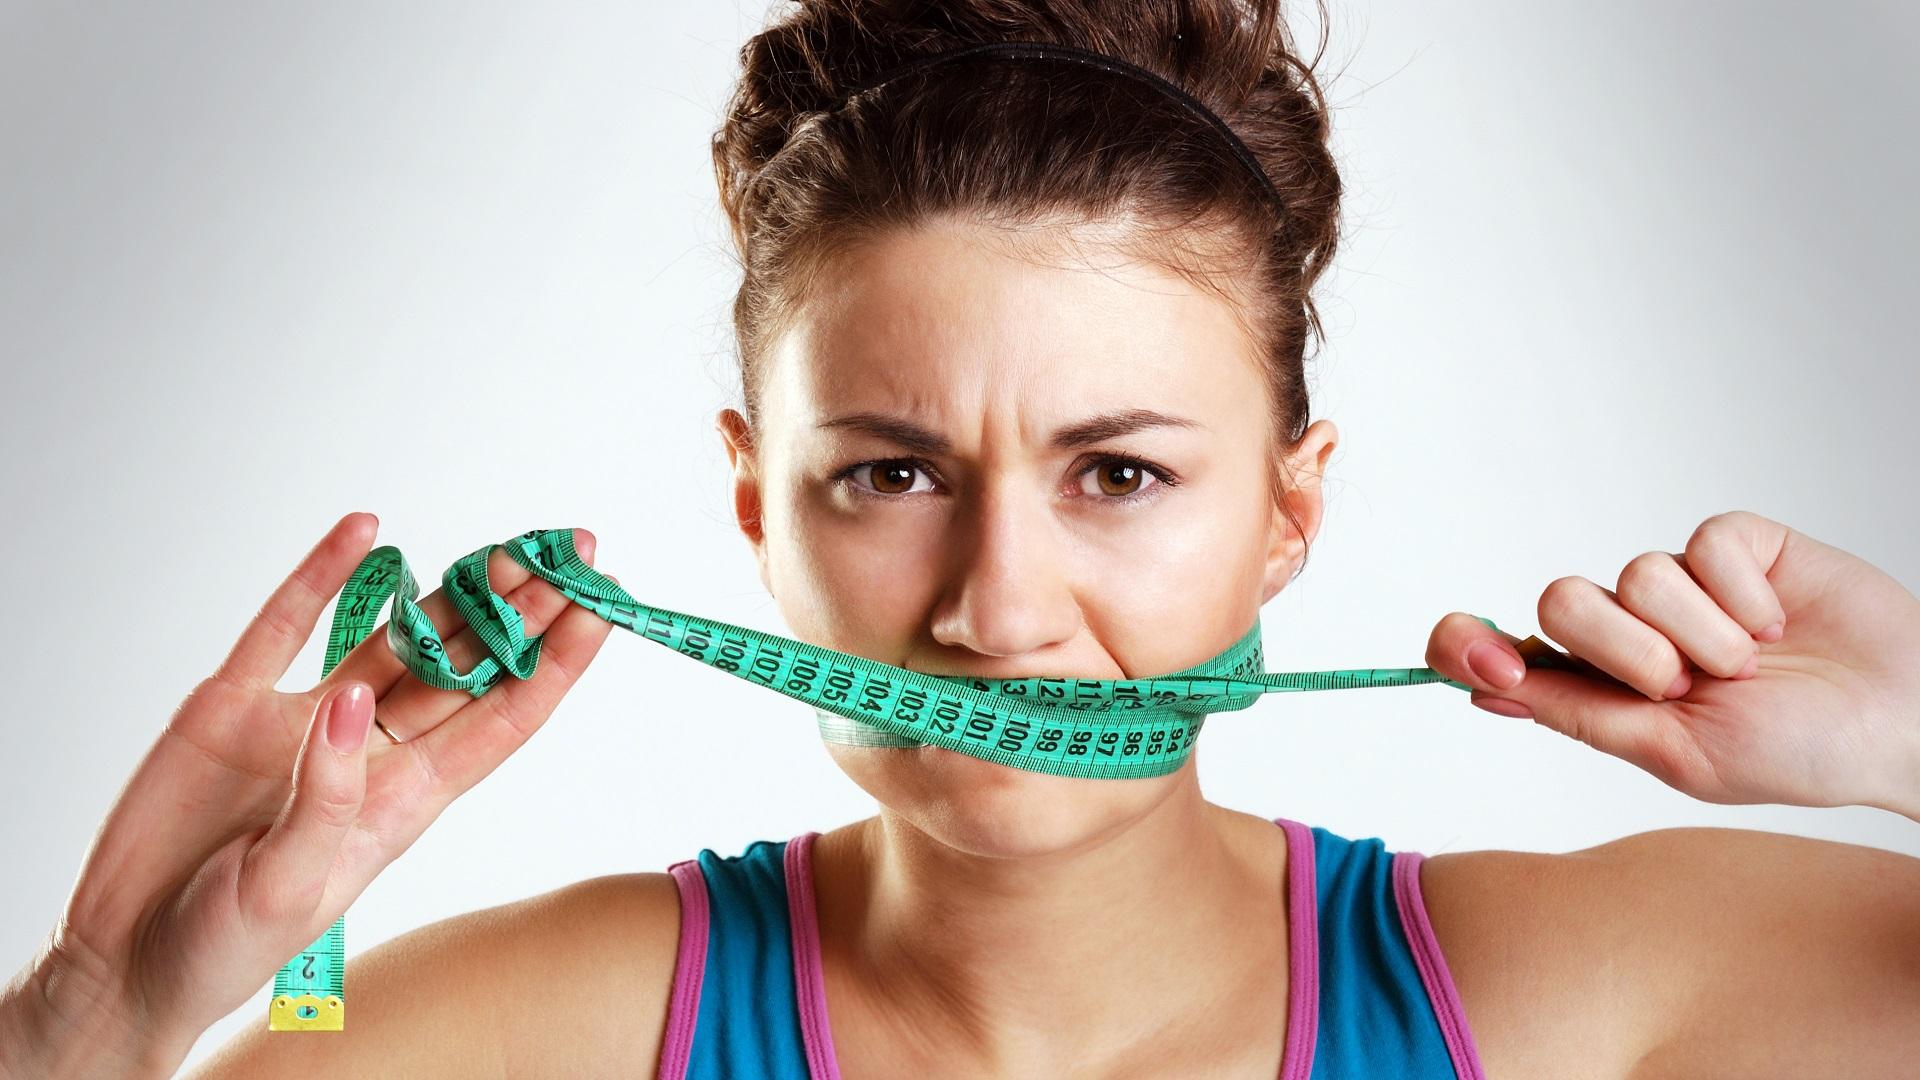 Olvídate de sentir remordimientos y culpabilidad, vamos a conseguir un cambio en tu peso y tus hábitos sin castigo.